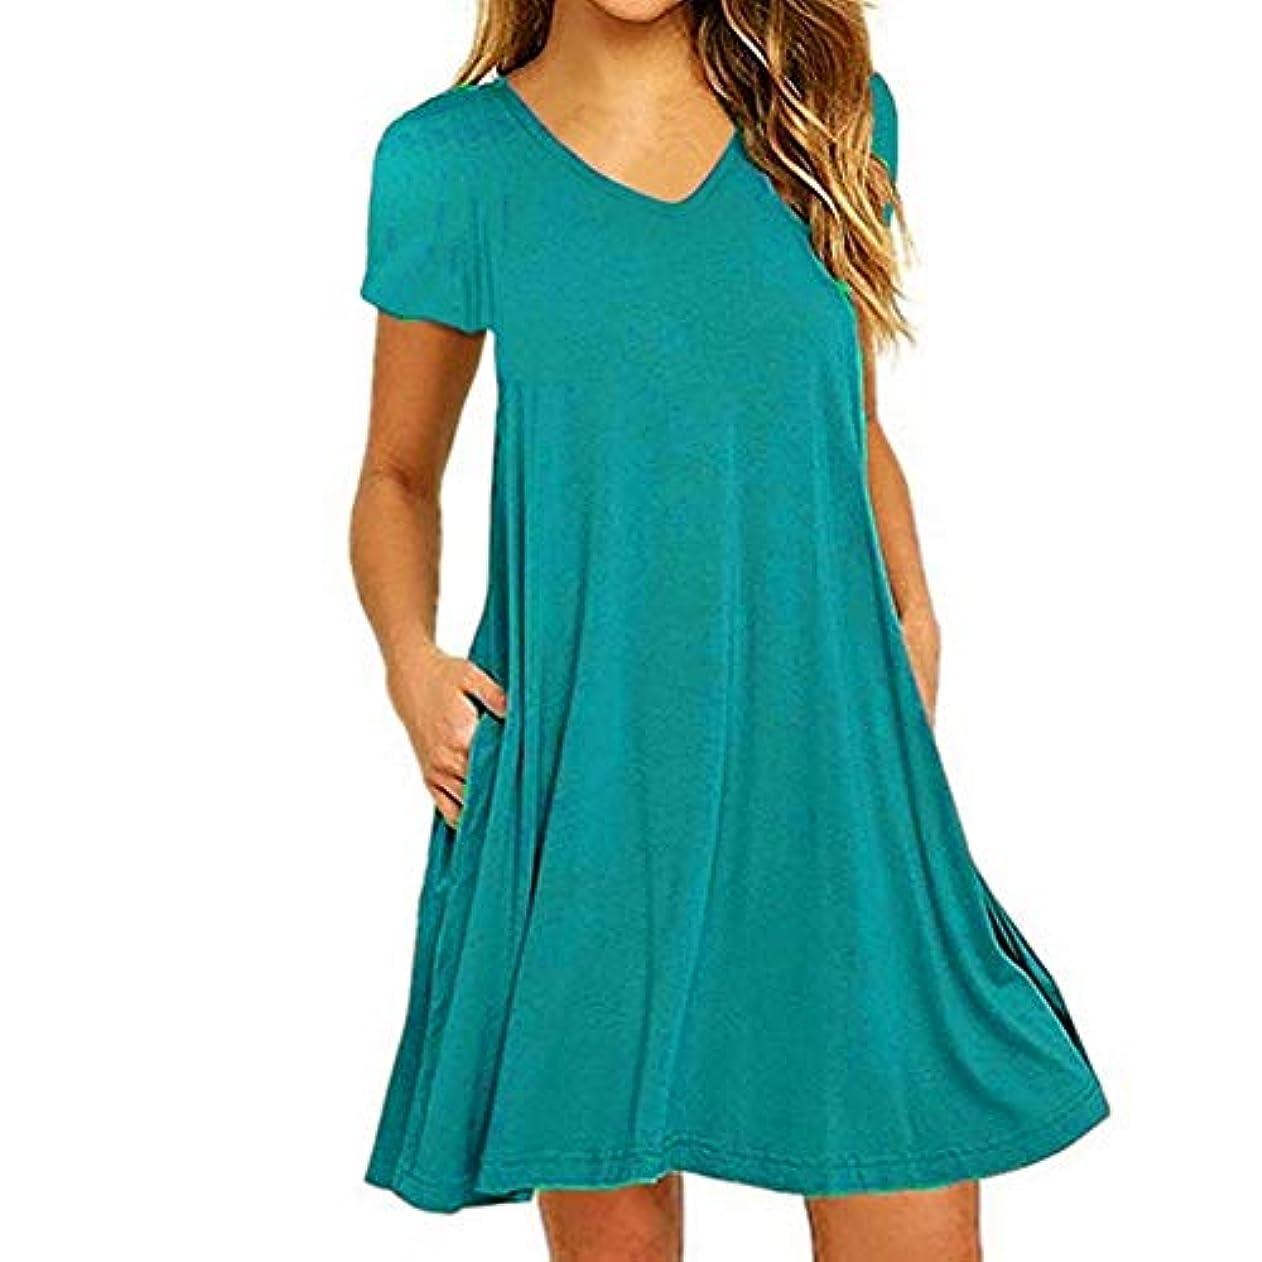 放課後医薬競うMIFAN の女性のドレスカジュアルな不規則なドレスルースサマービーチTシャツドレス